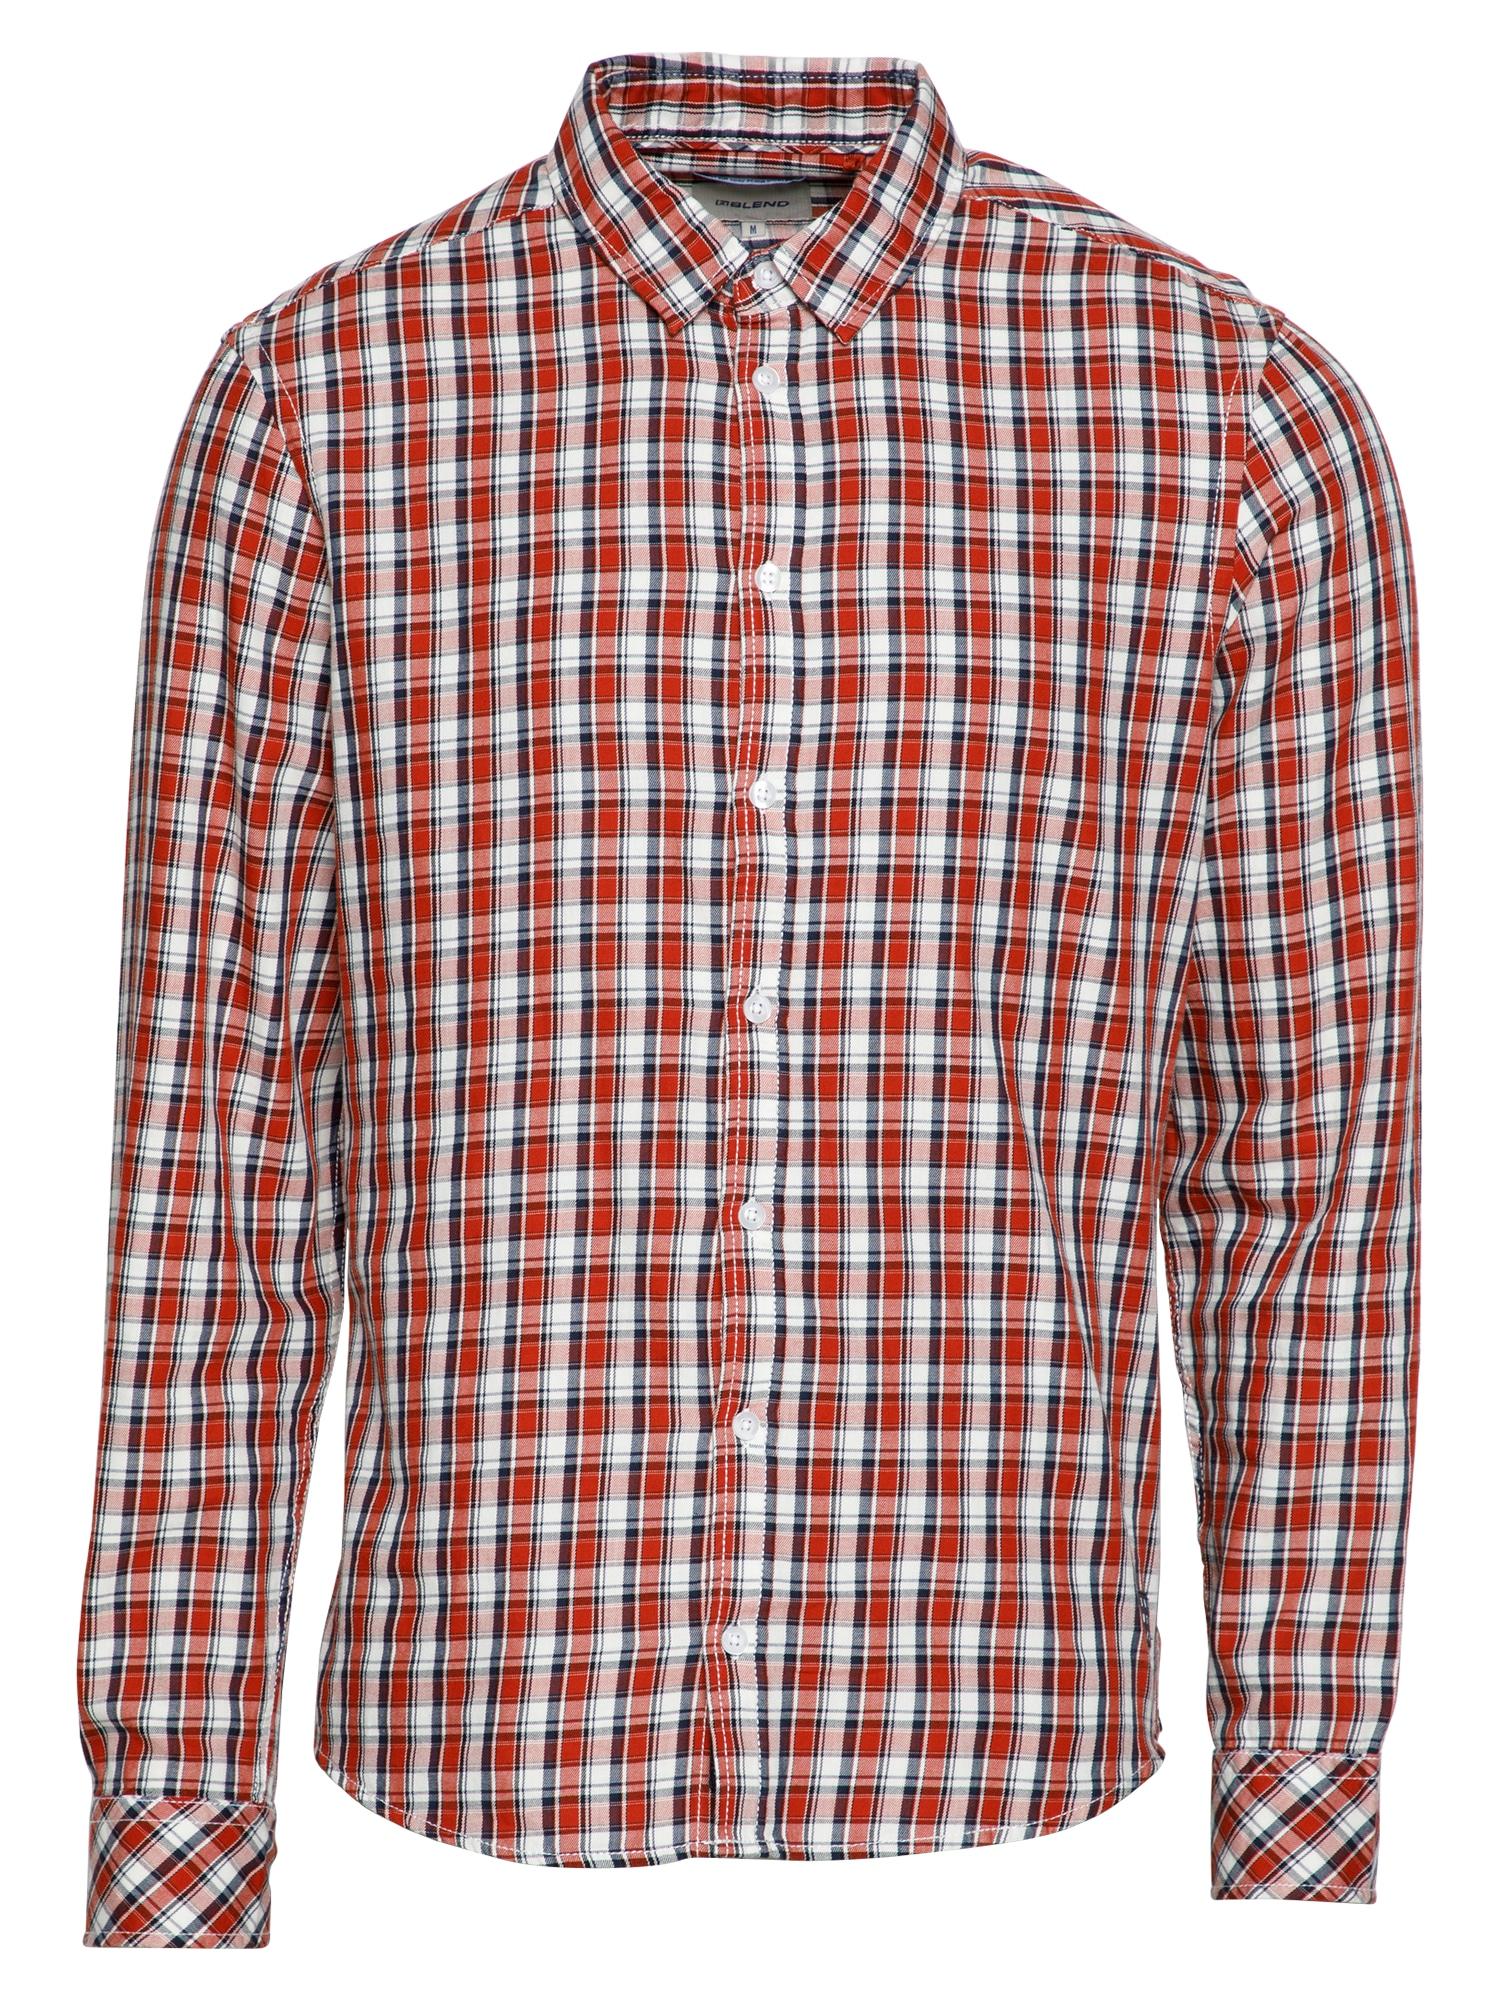 BLEND Marškiniai pastelinė raudona / tamsiai mėlyna / balta